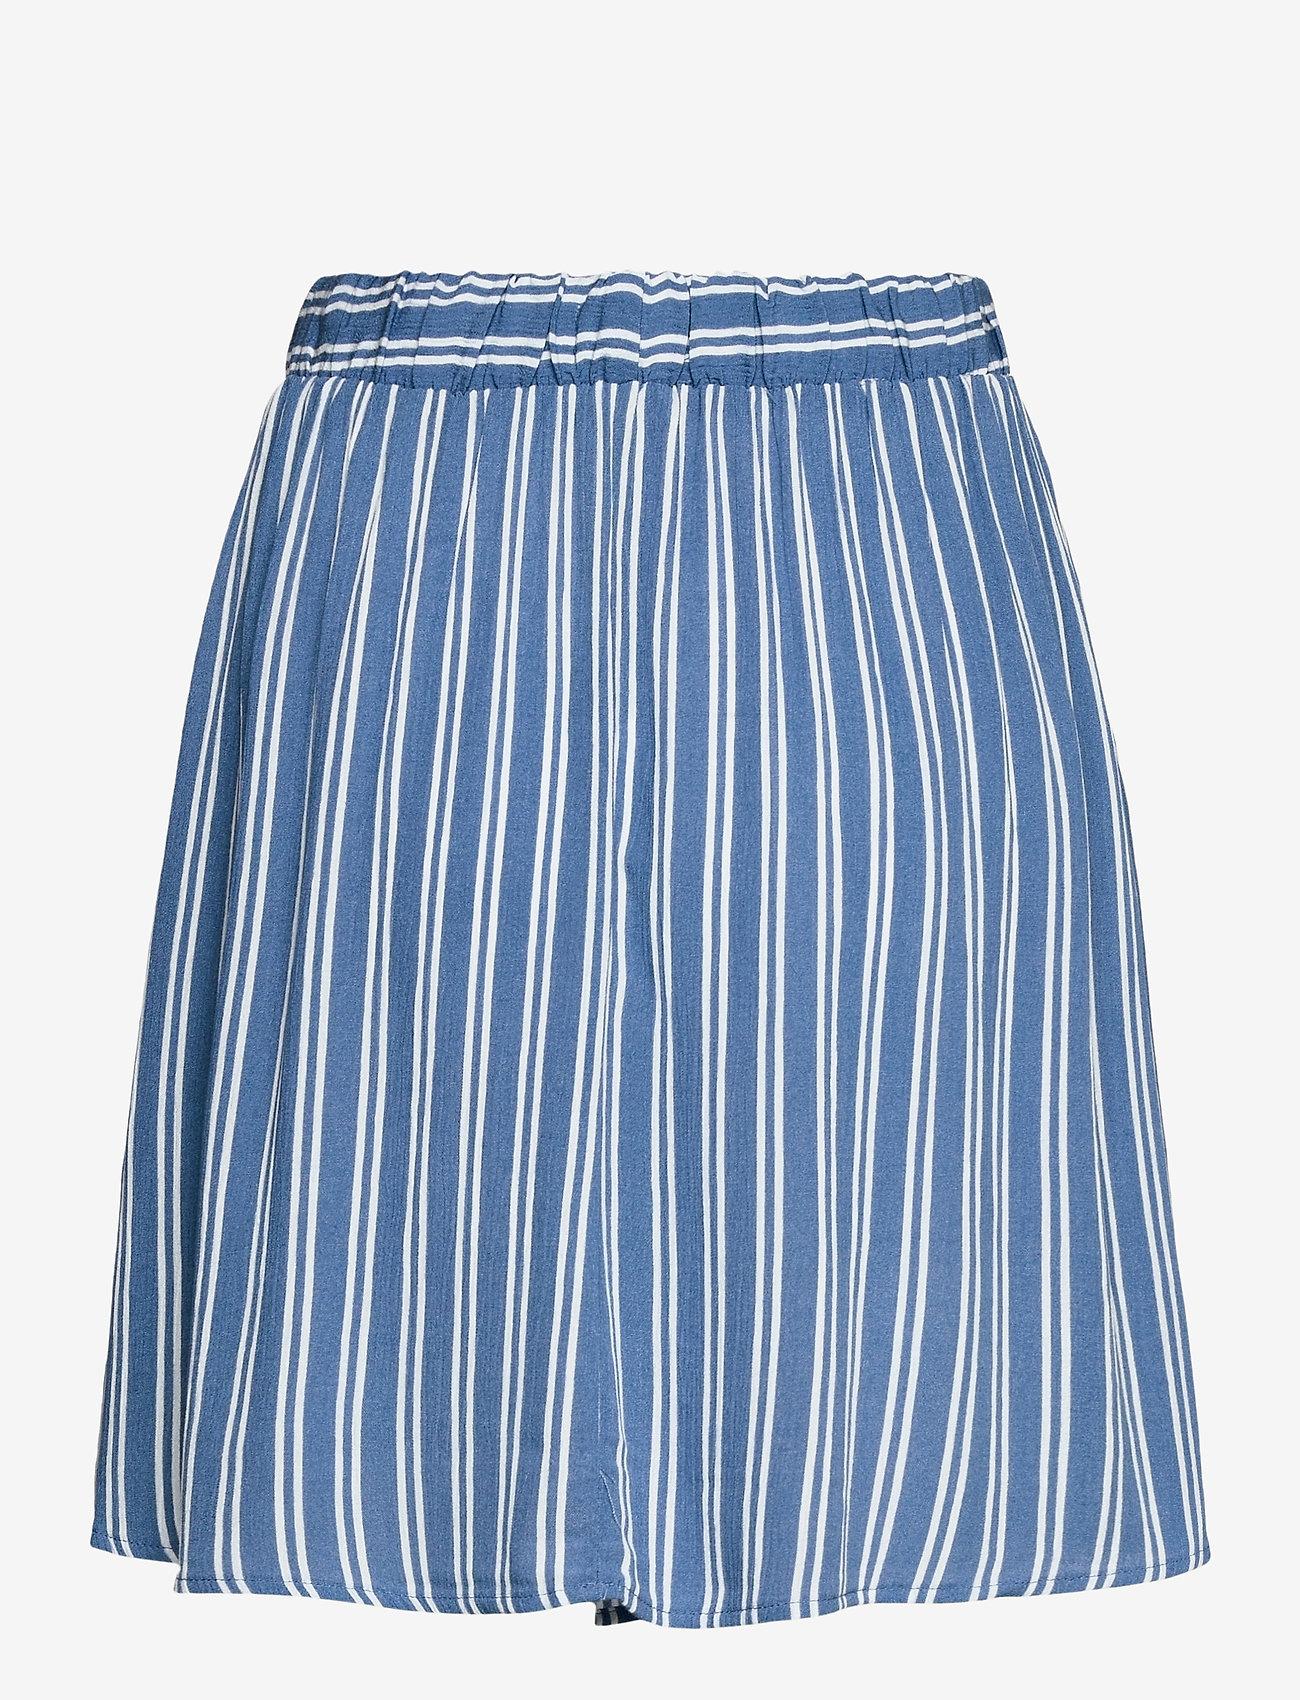 ICHI - IHMARRAKECH AOP SK - short skirts - coronet blue - 1